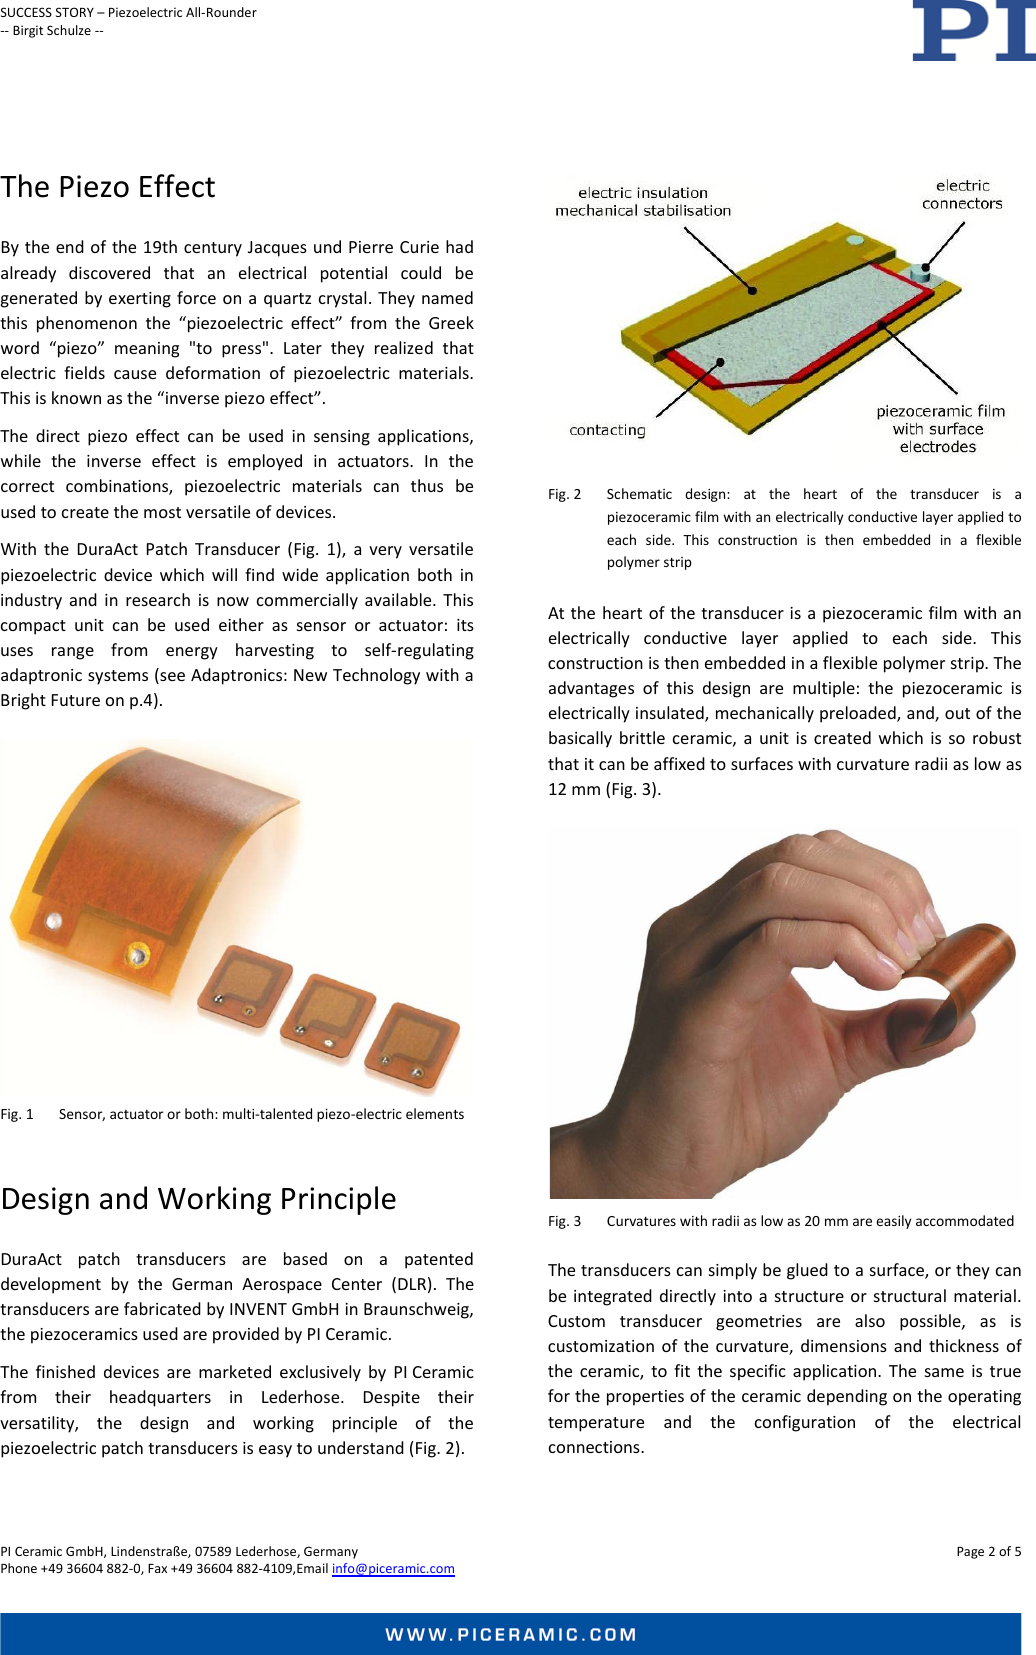 Physik Instrumente PI Ceramic SUCCESS STORY Dura Act Pi1022E